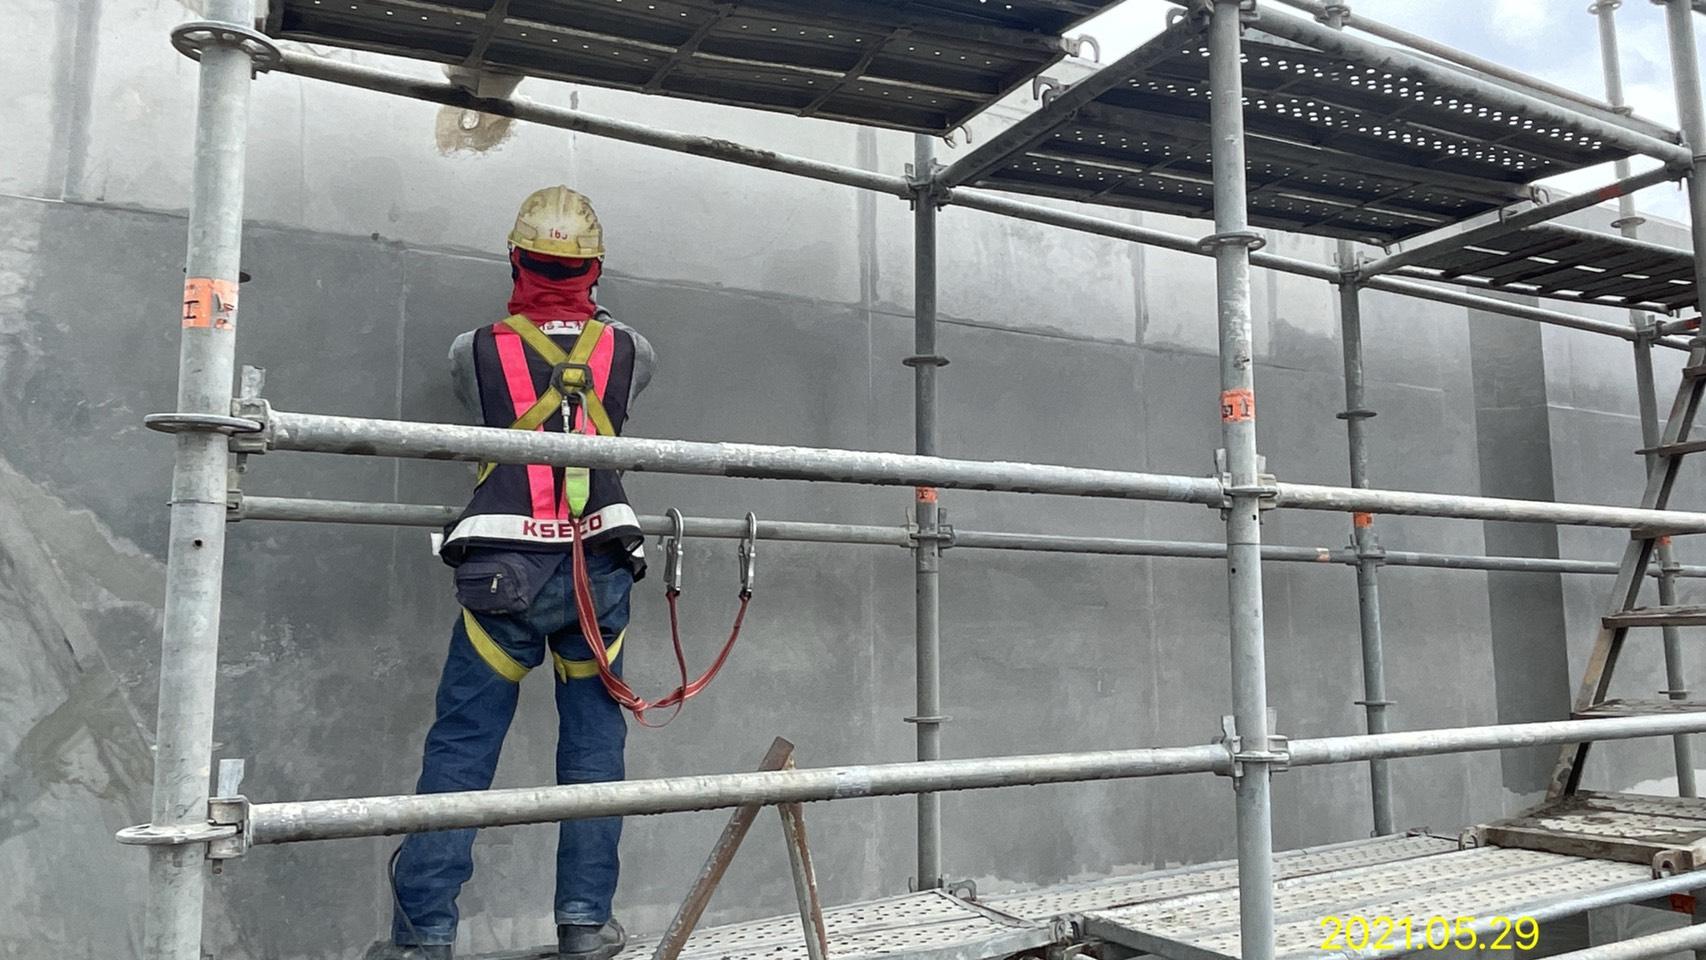 混凝土完成面修飾作業.